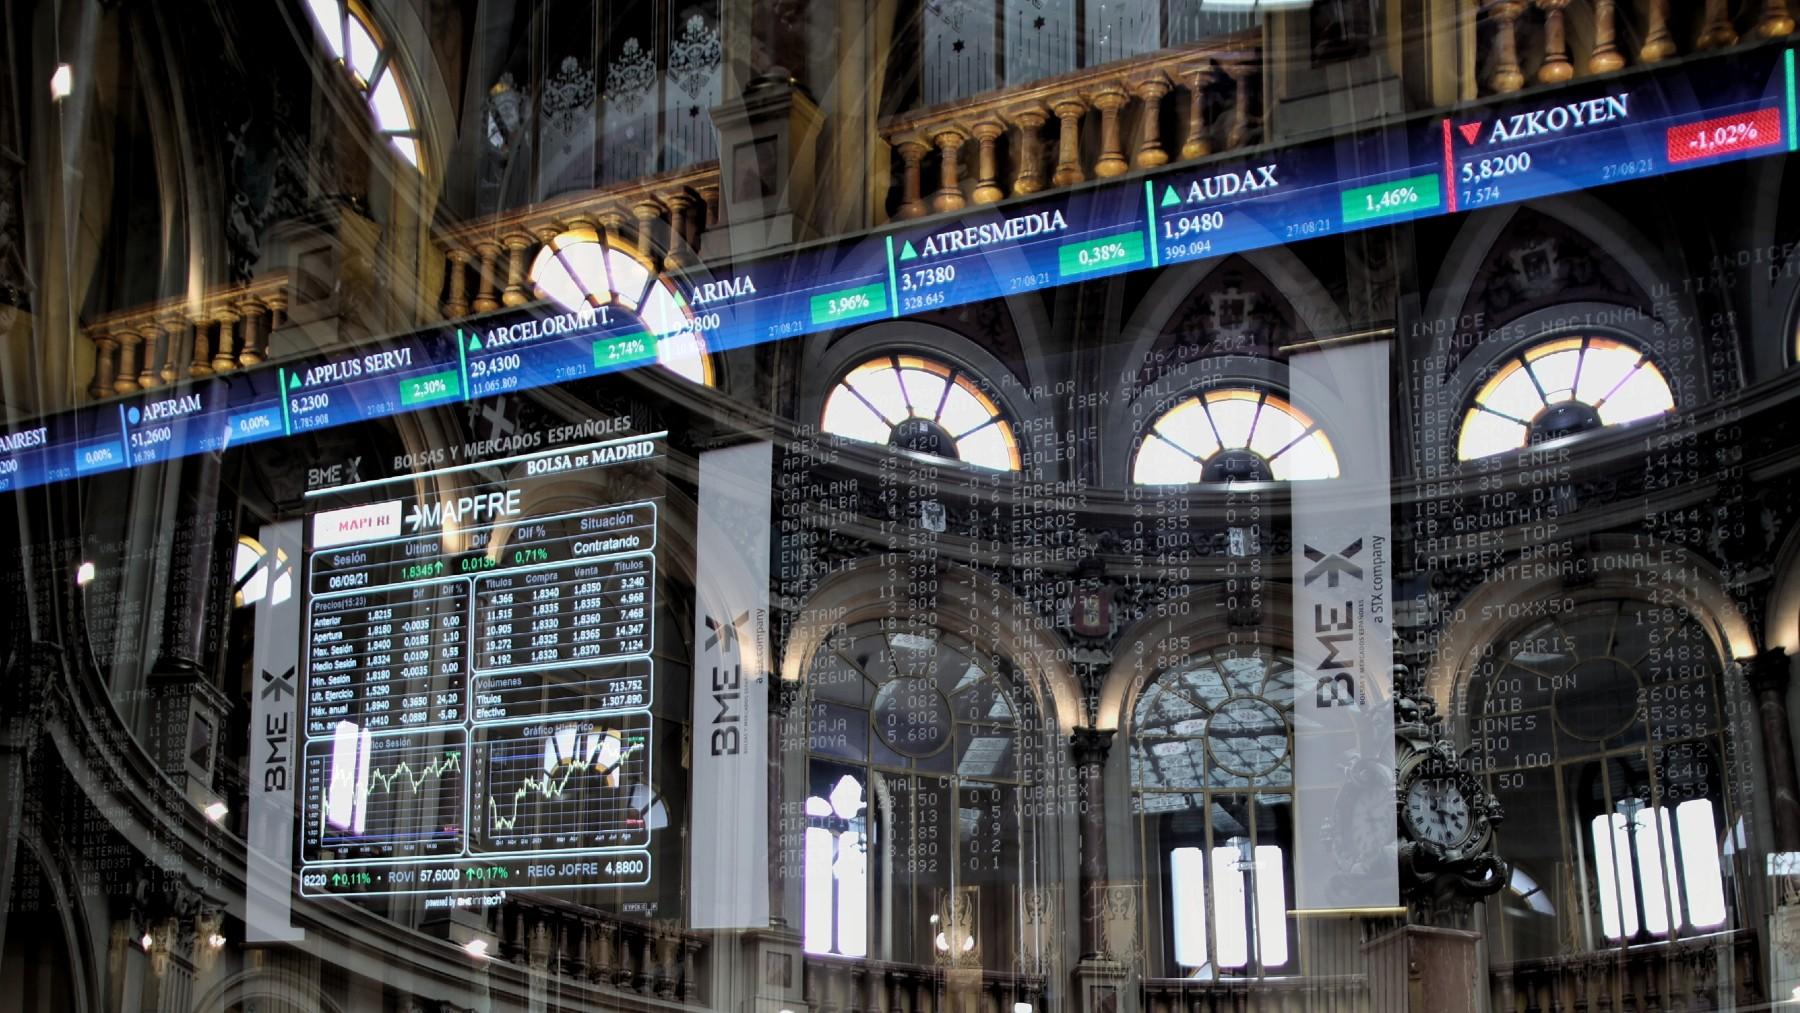 Cotizaciones en la Bolsa de Madrid.